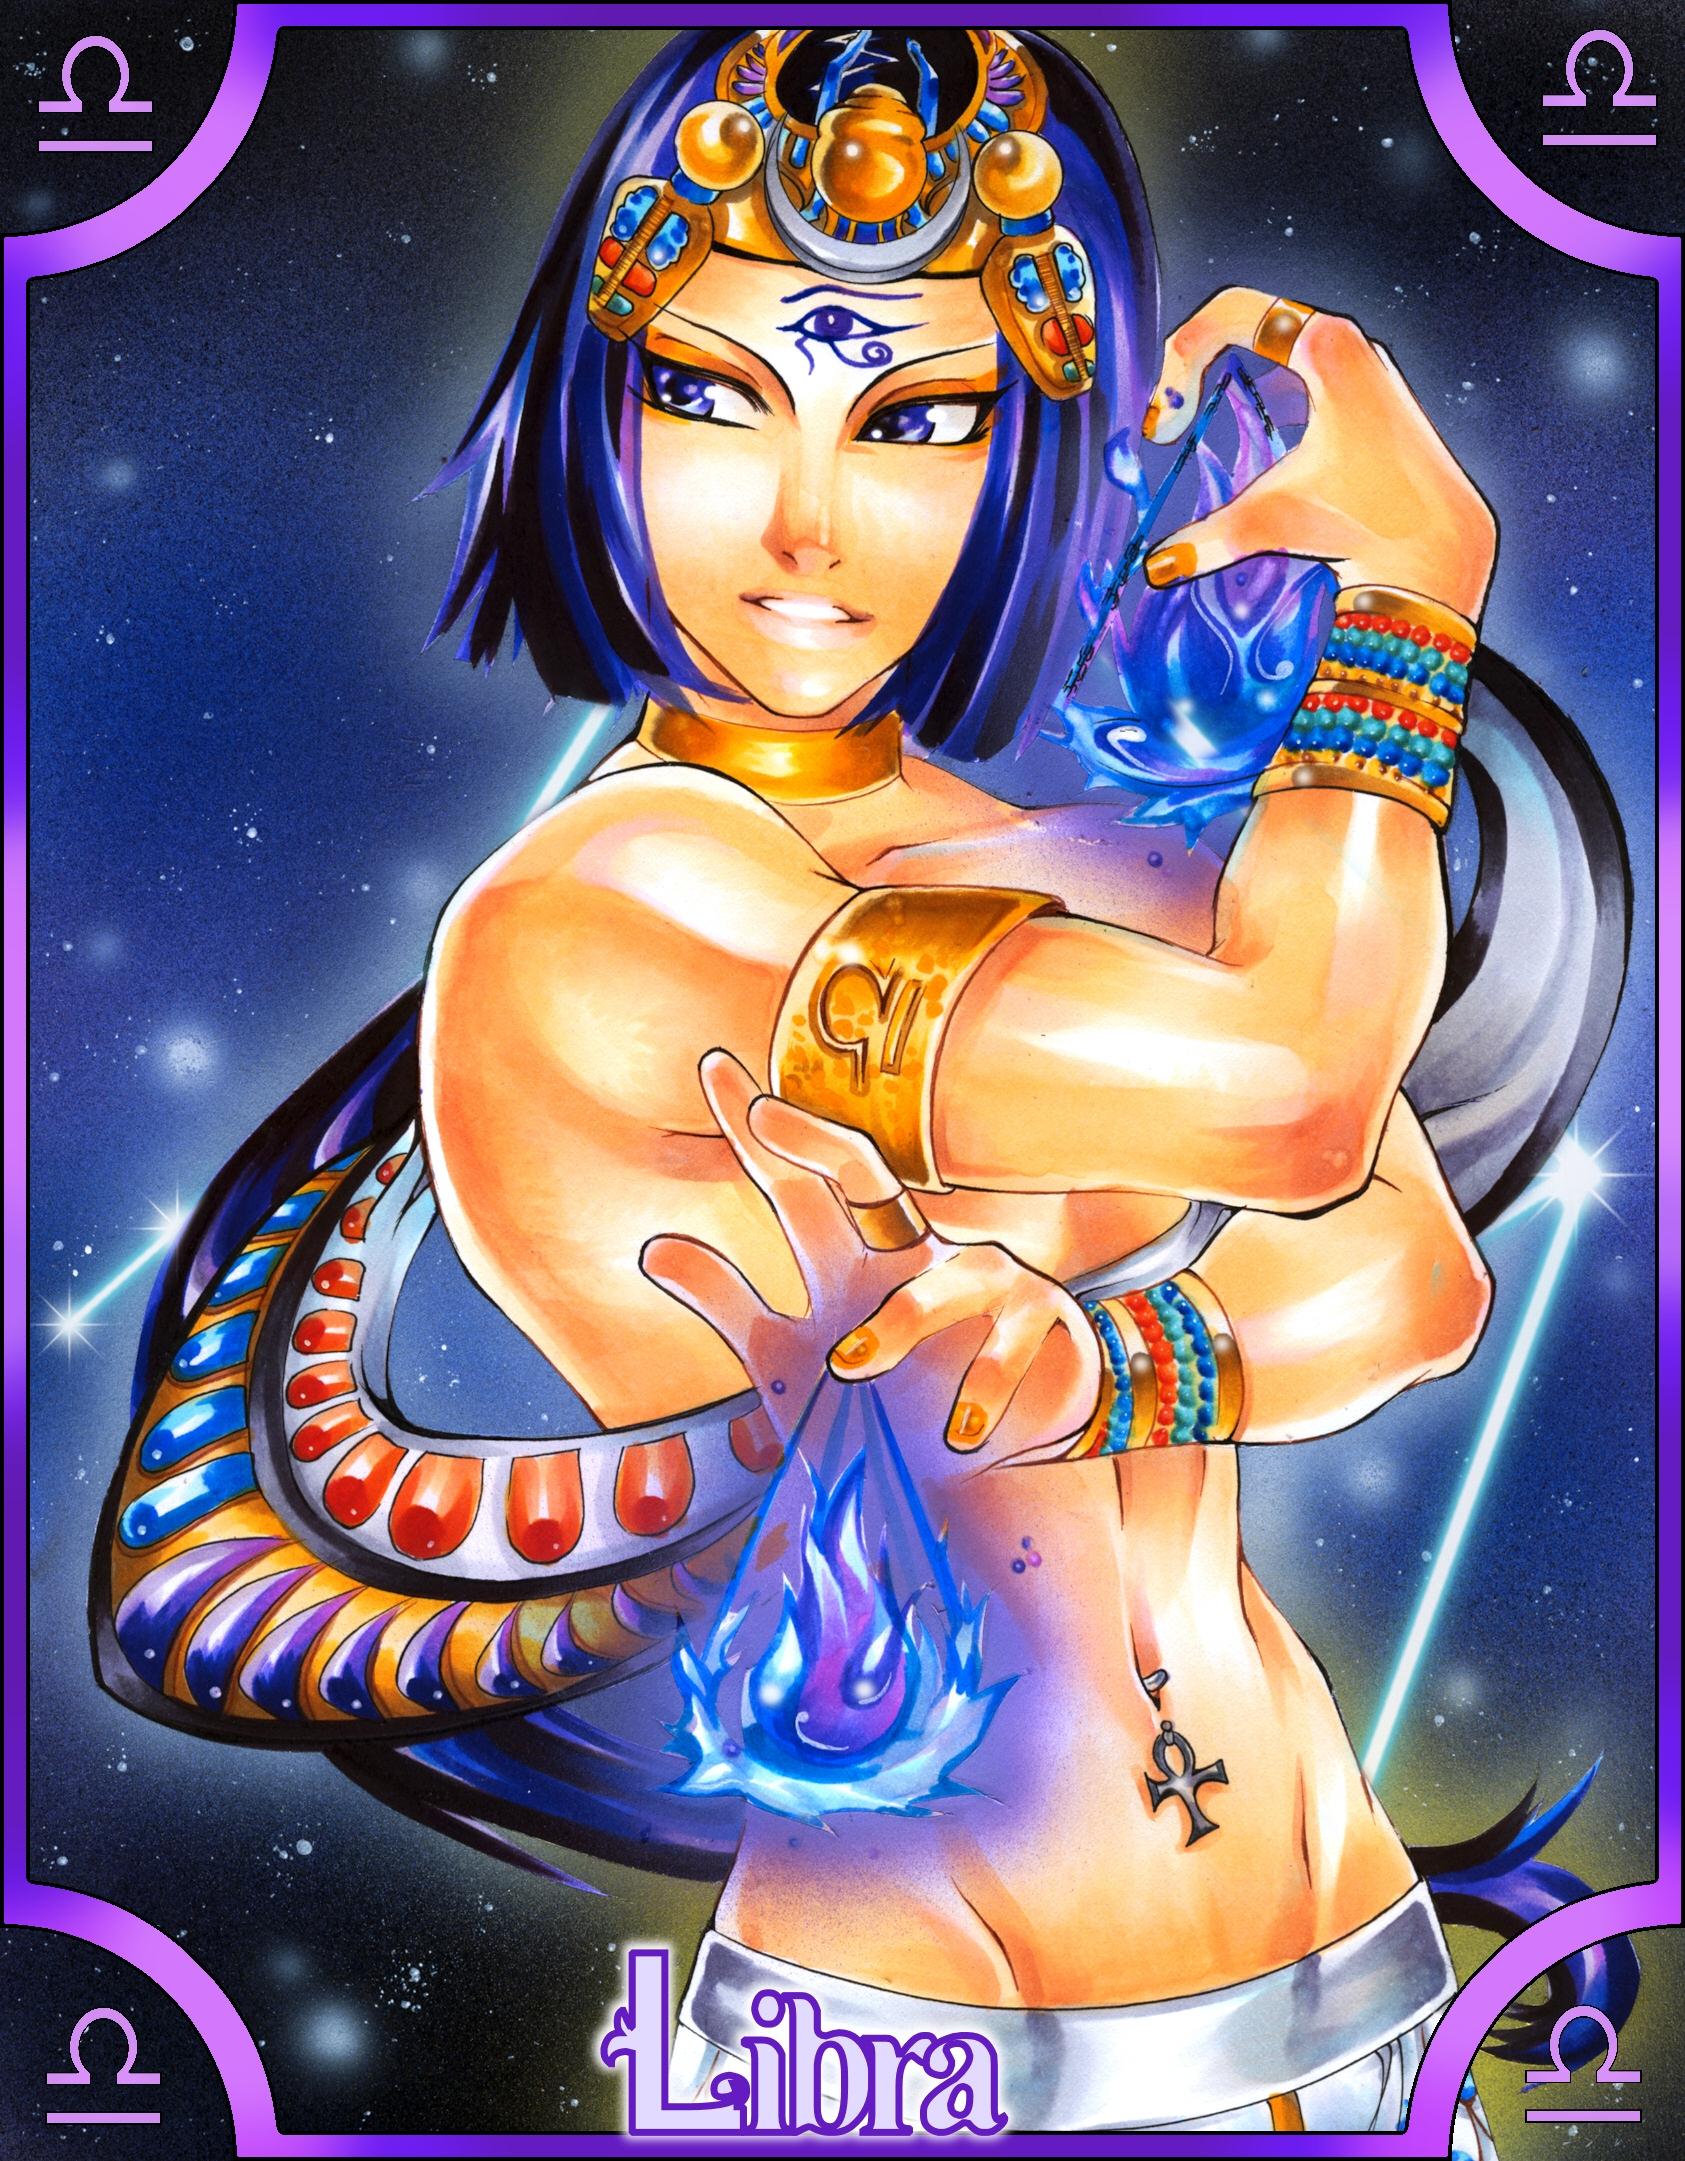 Libra horoscope for 8 february 2013